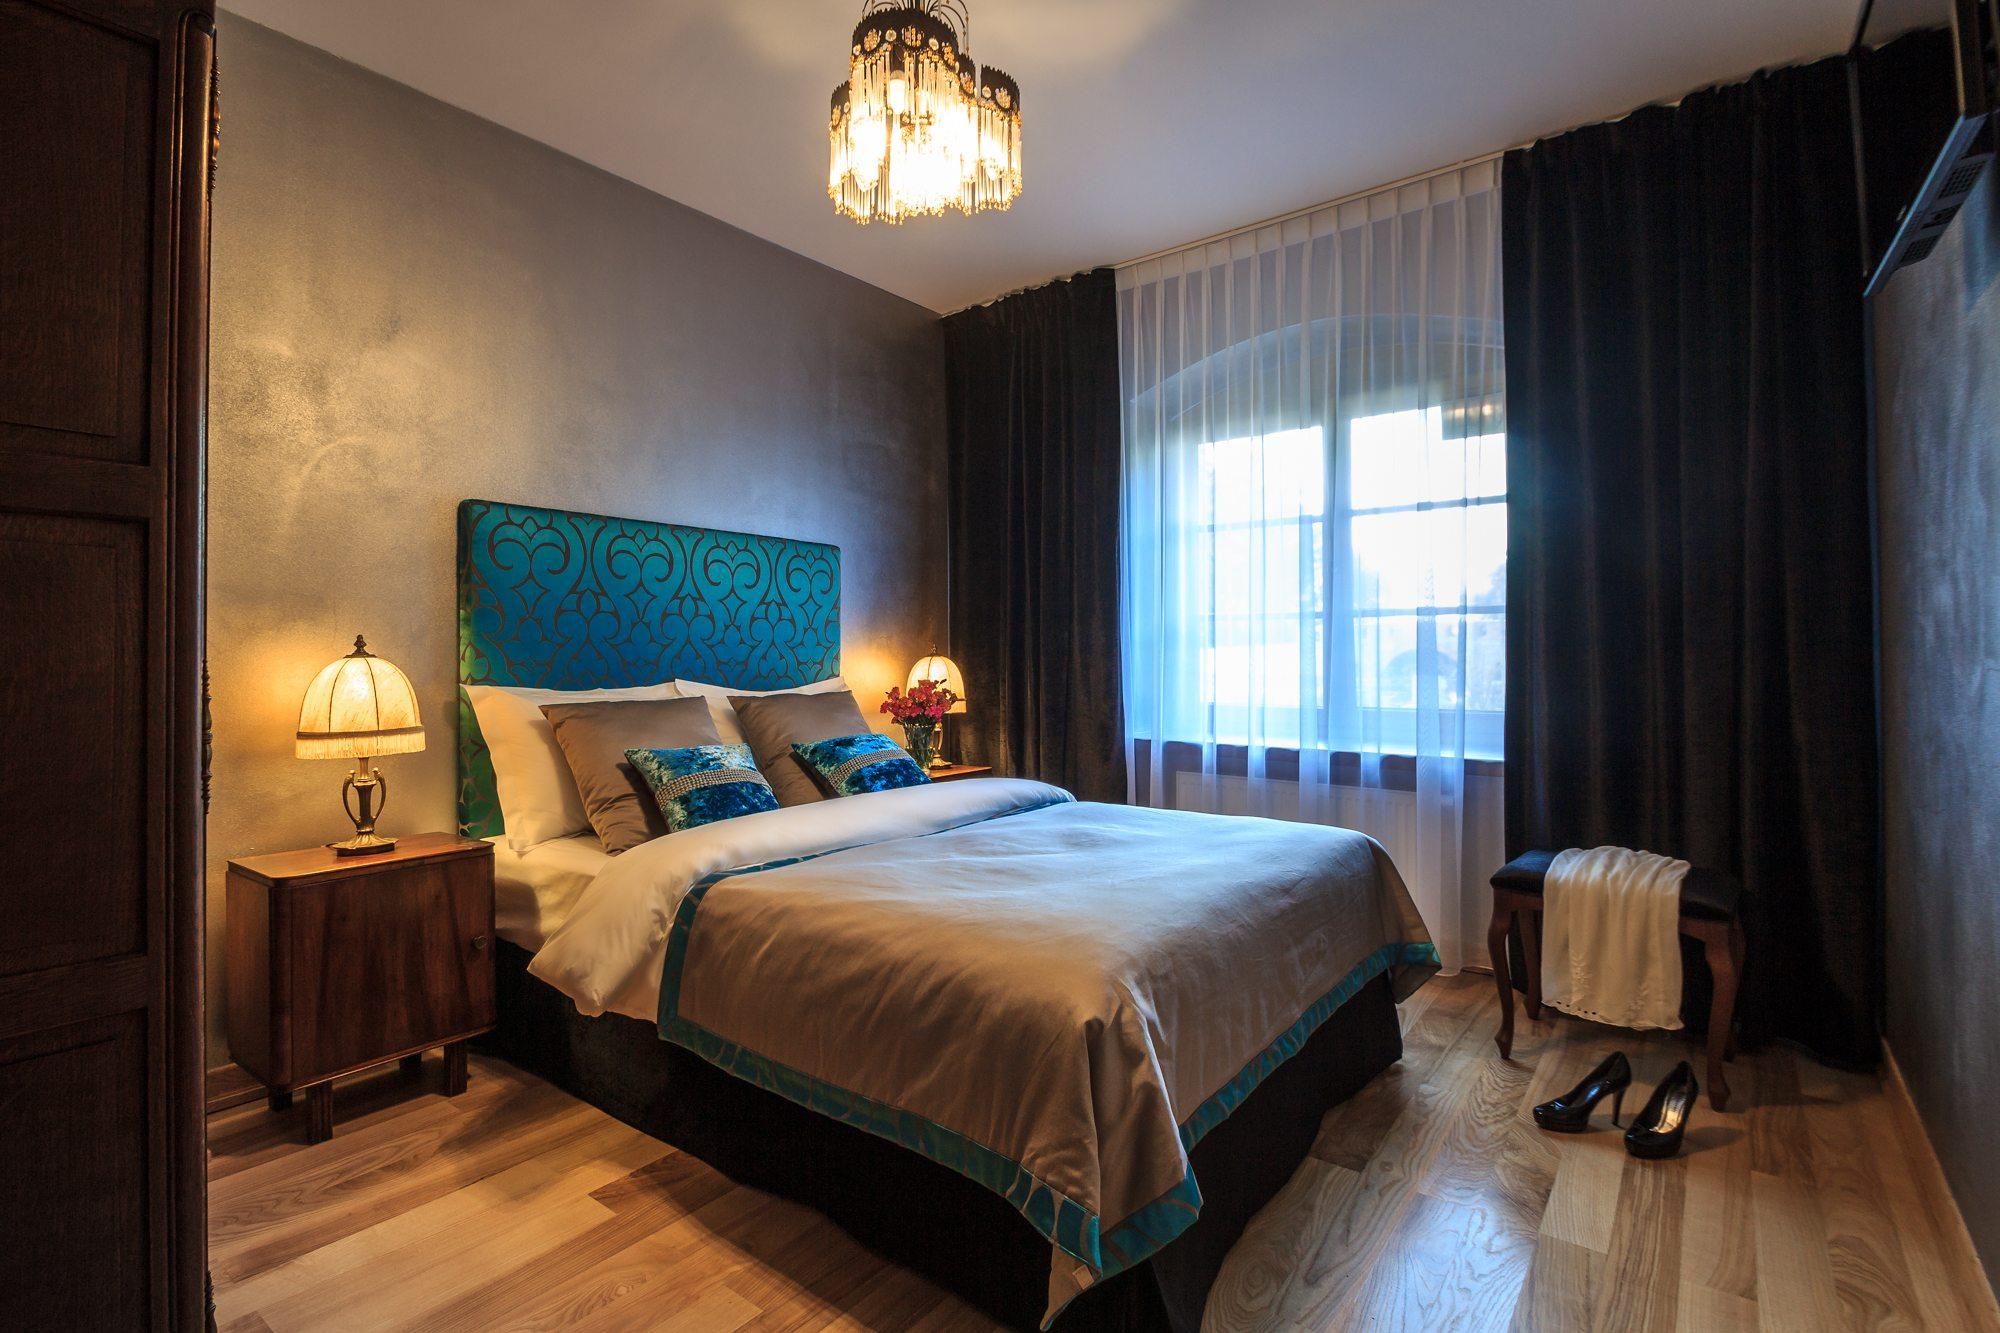 hotelova_postel